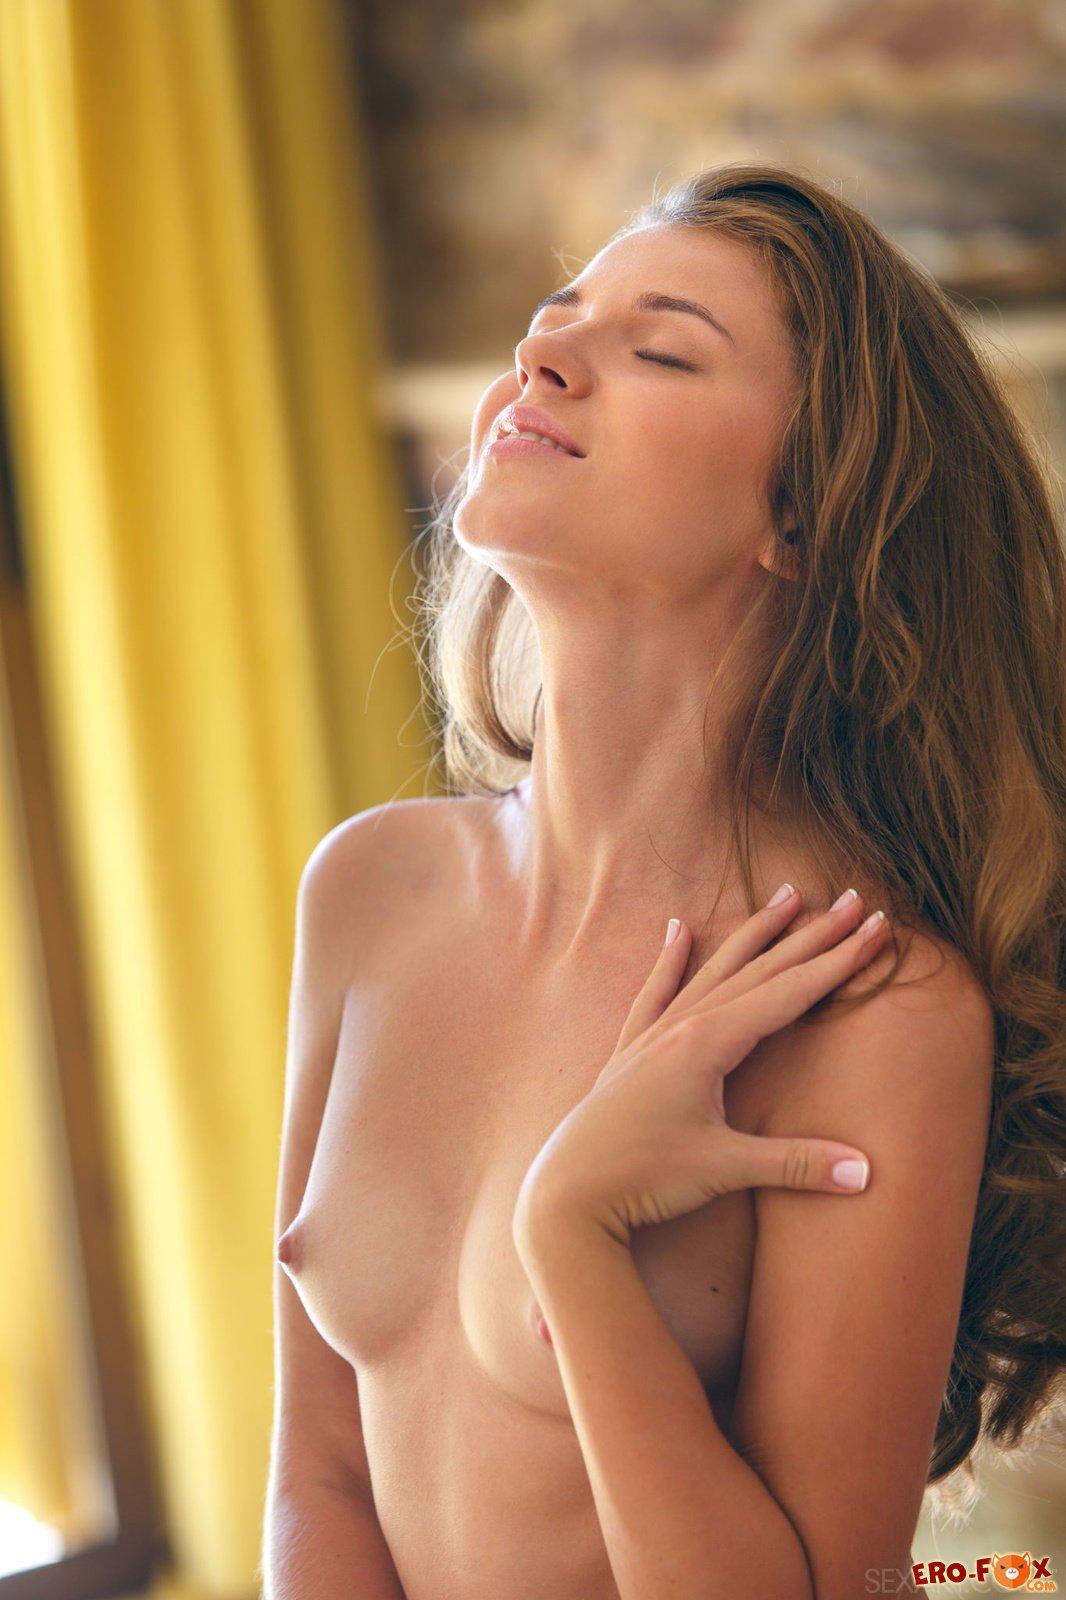 Девушка в трусах и рубашке раздевается » Эротикасмотреть лучшую фото эротику бесплатно.